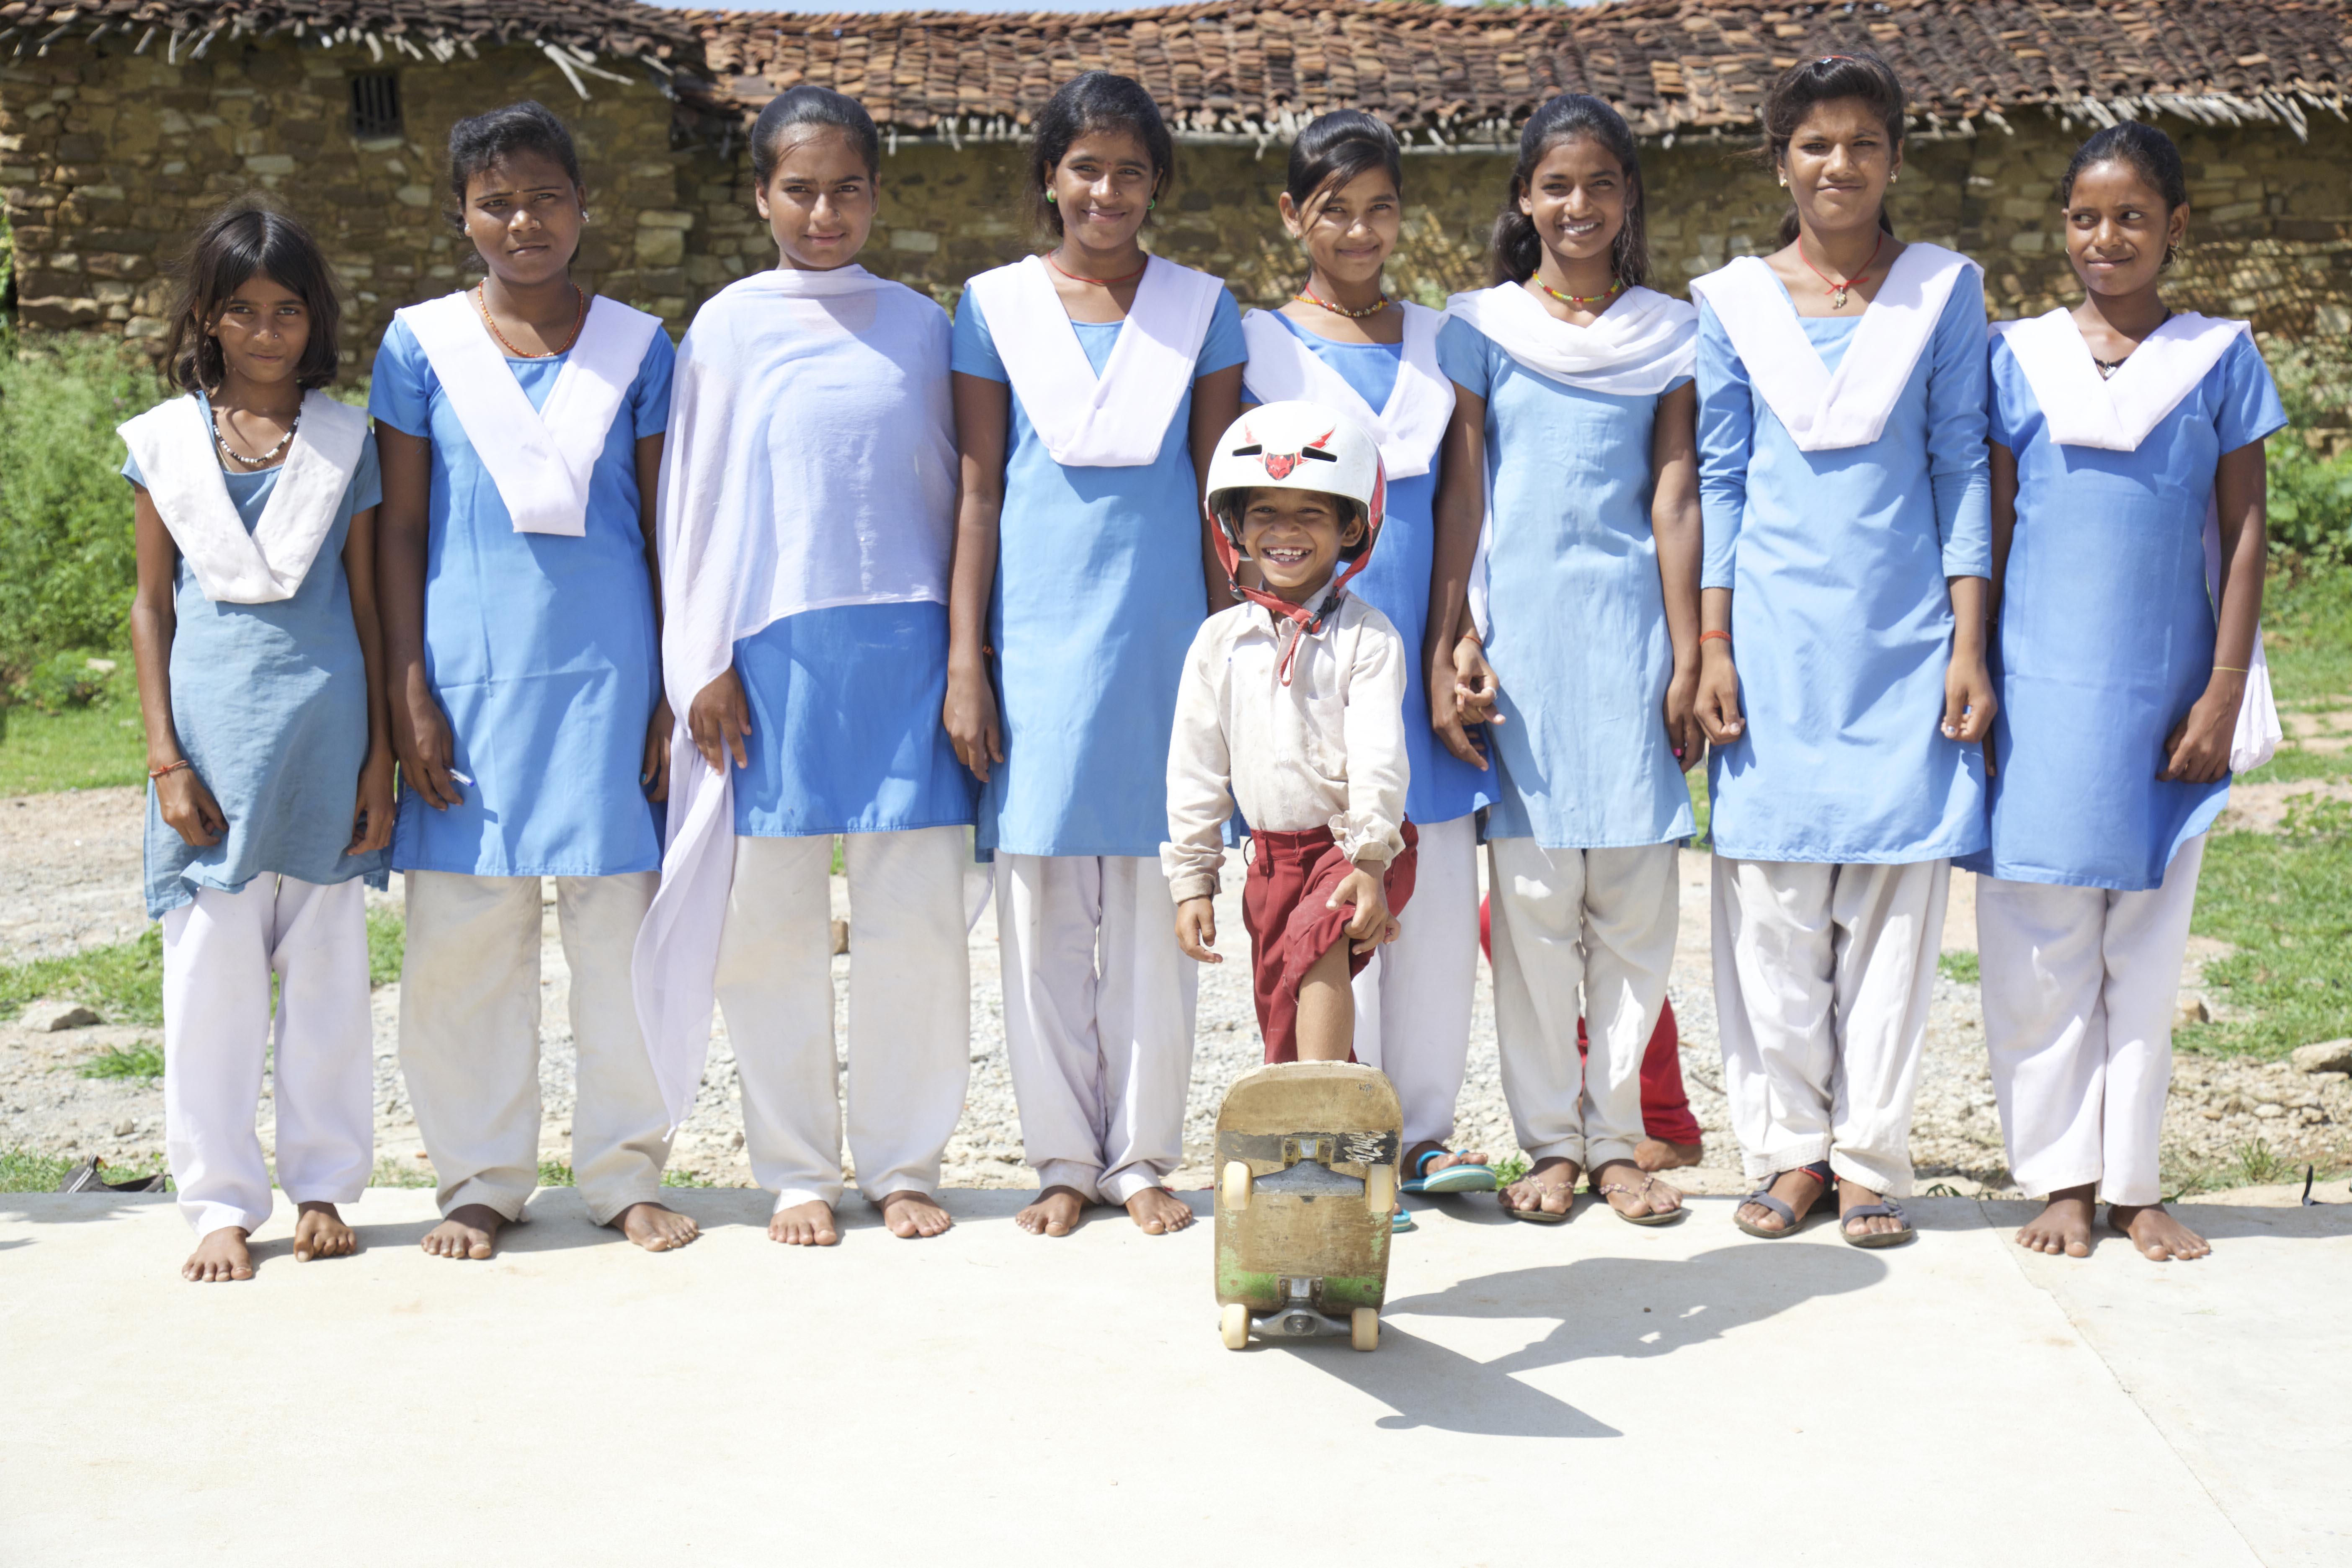 Barn från alla kast och samhällsgrupper i byn Janwaar i norra Madhya Pradesh där traditionella normer och fattigdom var starkt inpräglade. Nu uppmanar organisationen barnen att tänka i nya banor och att åka skateboard. Foto: Janwaar Castle